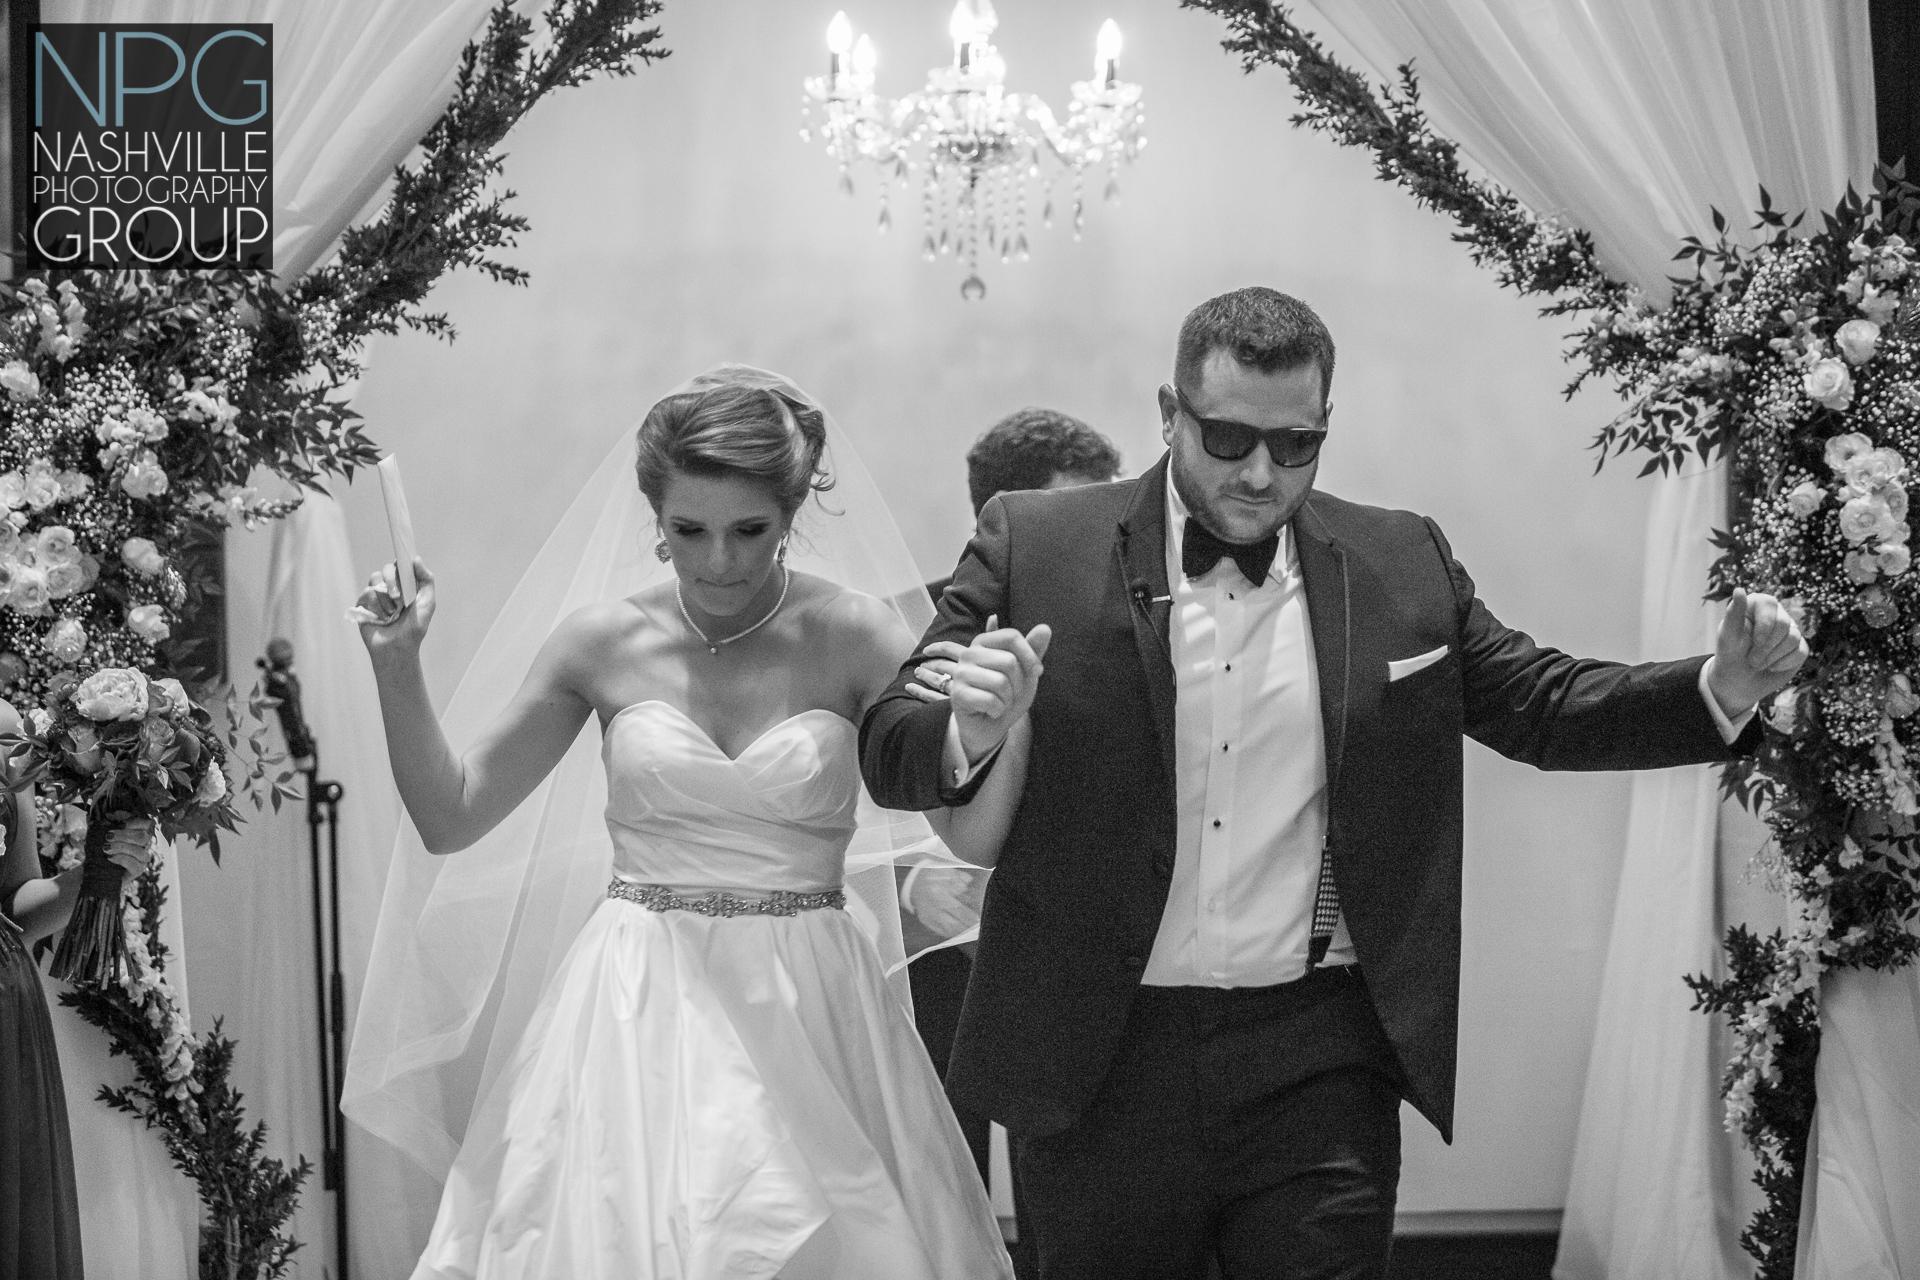 Nashville Photography Group wedding photographers-3.jpg